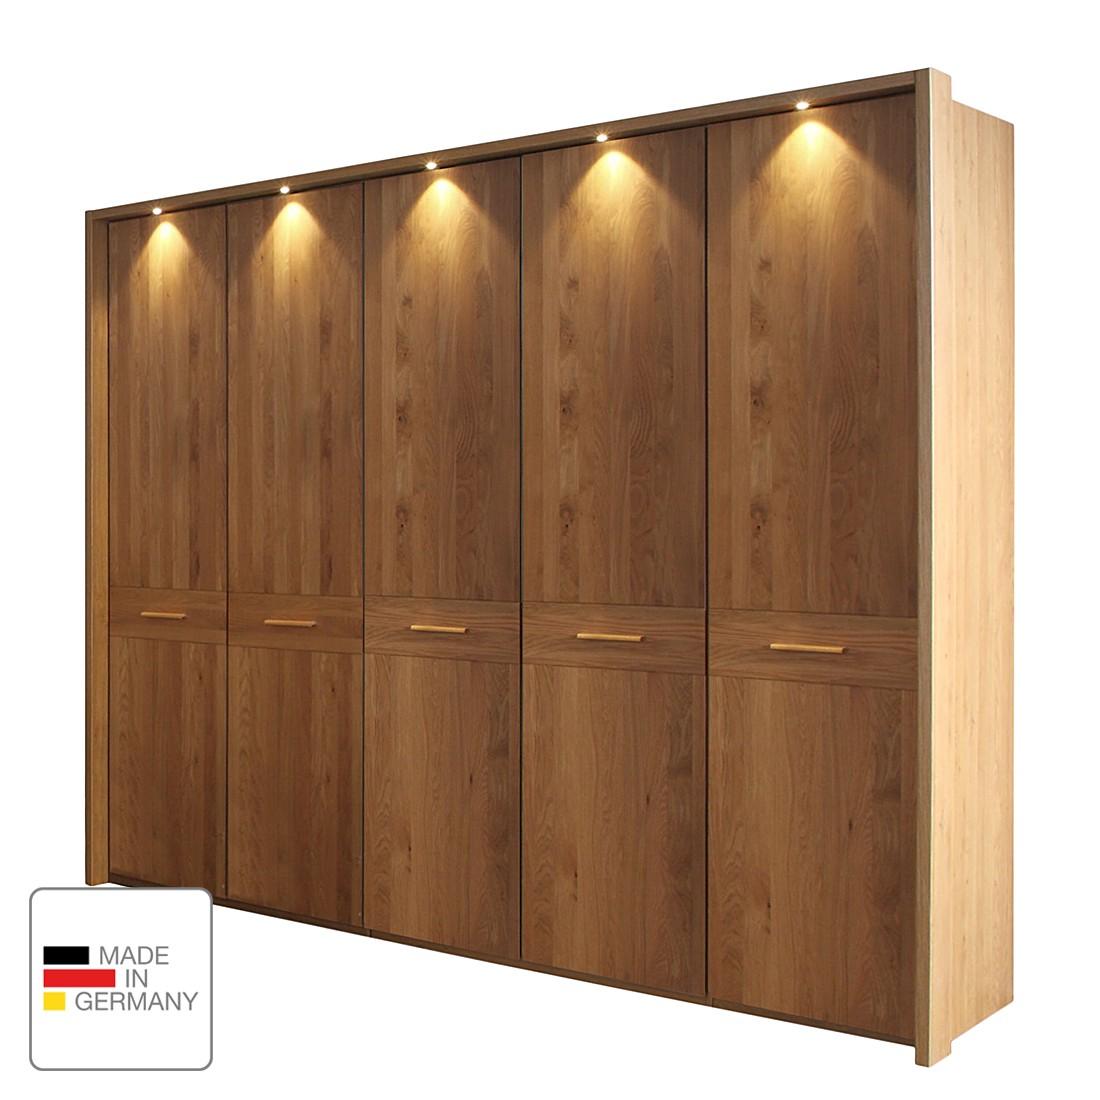 vente armoire armoires portes tritoo maison et jardin. Black Bedroom Furniture Sets. Home Design Ideas